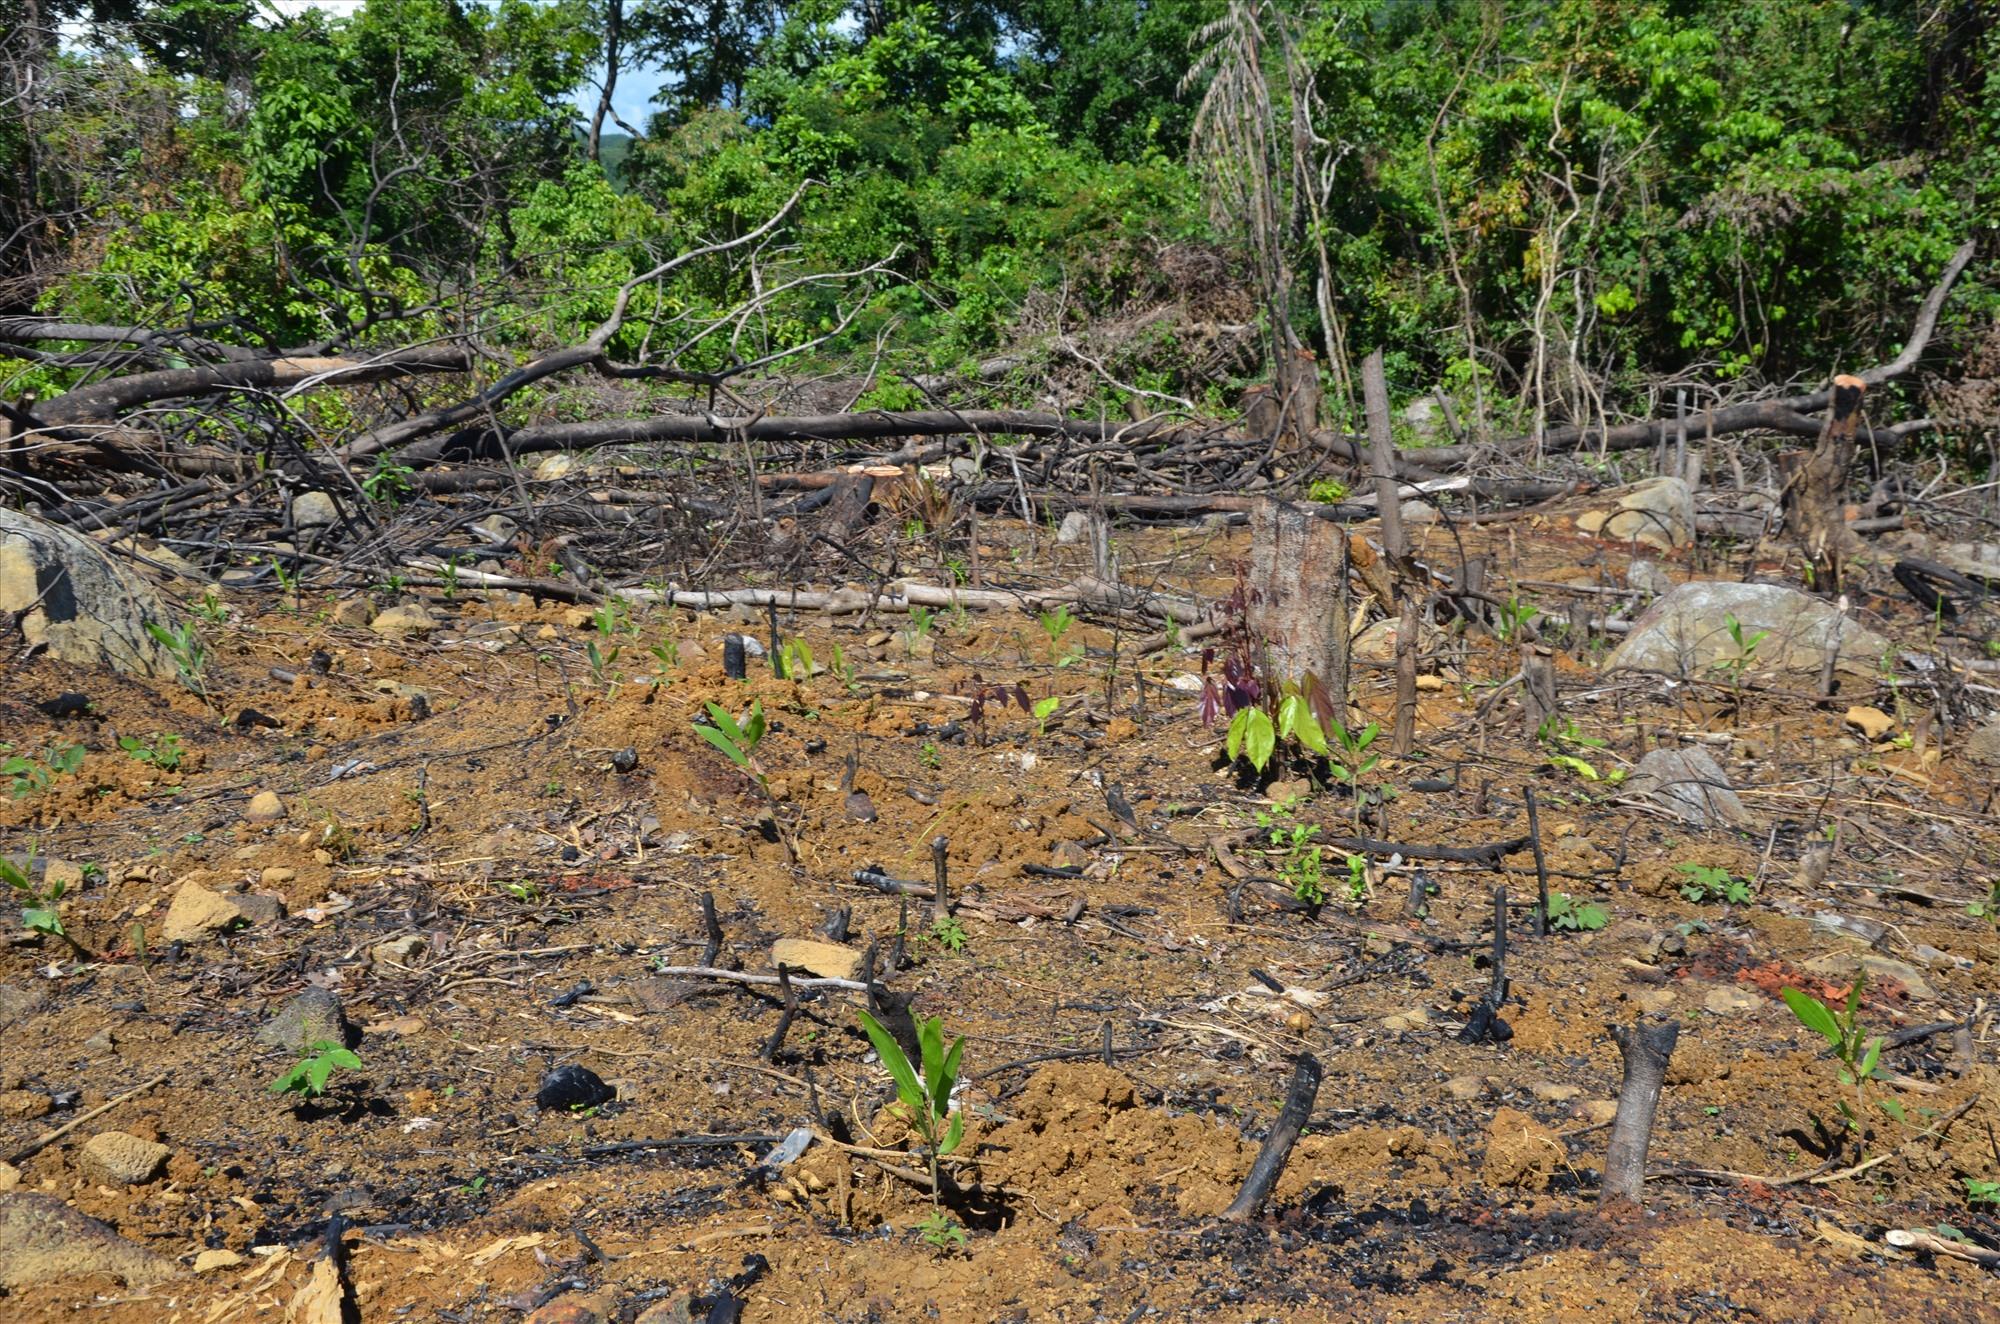 Đốt rừng xong,vào mùa mưa, các đối tượng triển khai trồng rừng keo non. Ảnh: T.H.